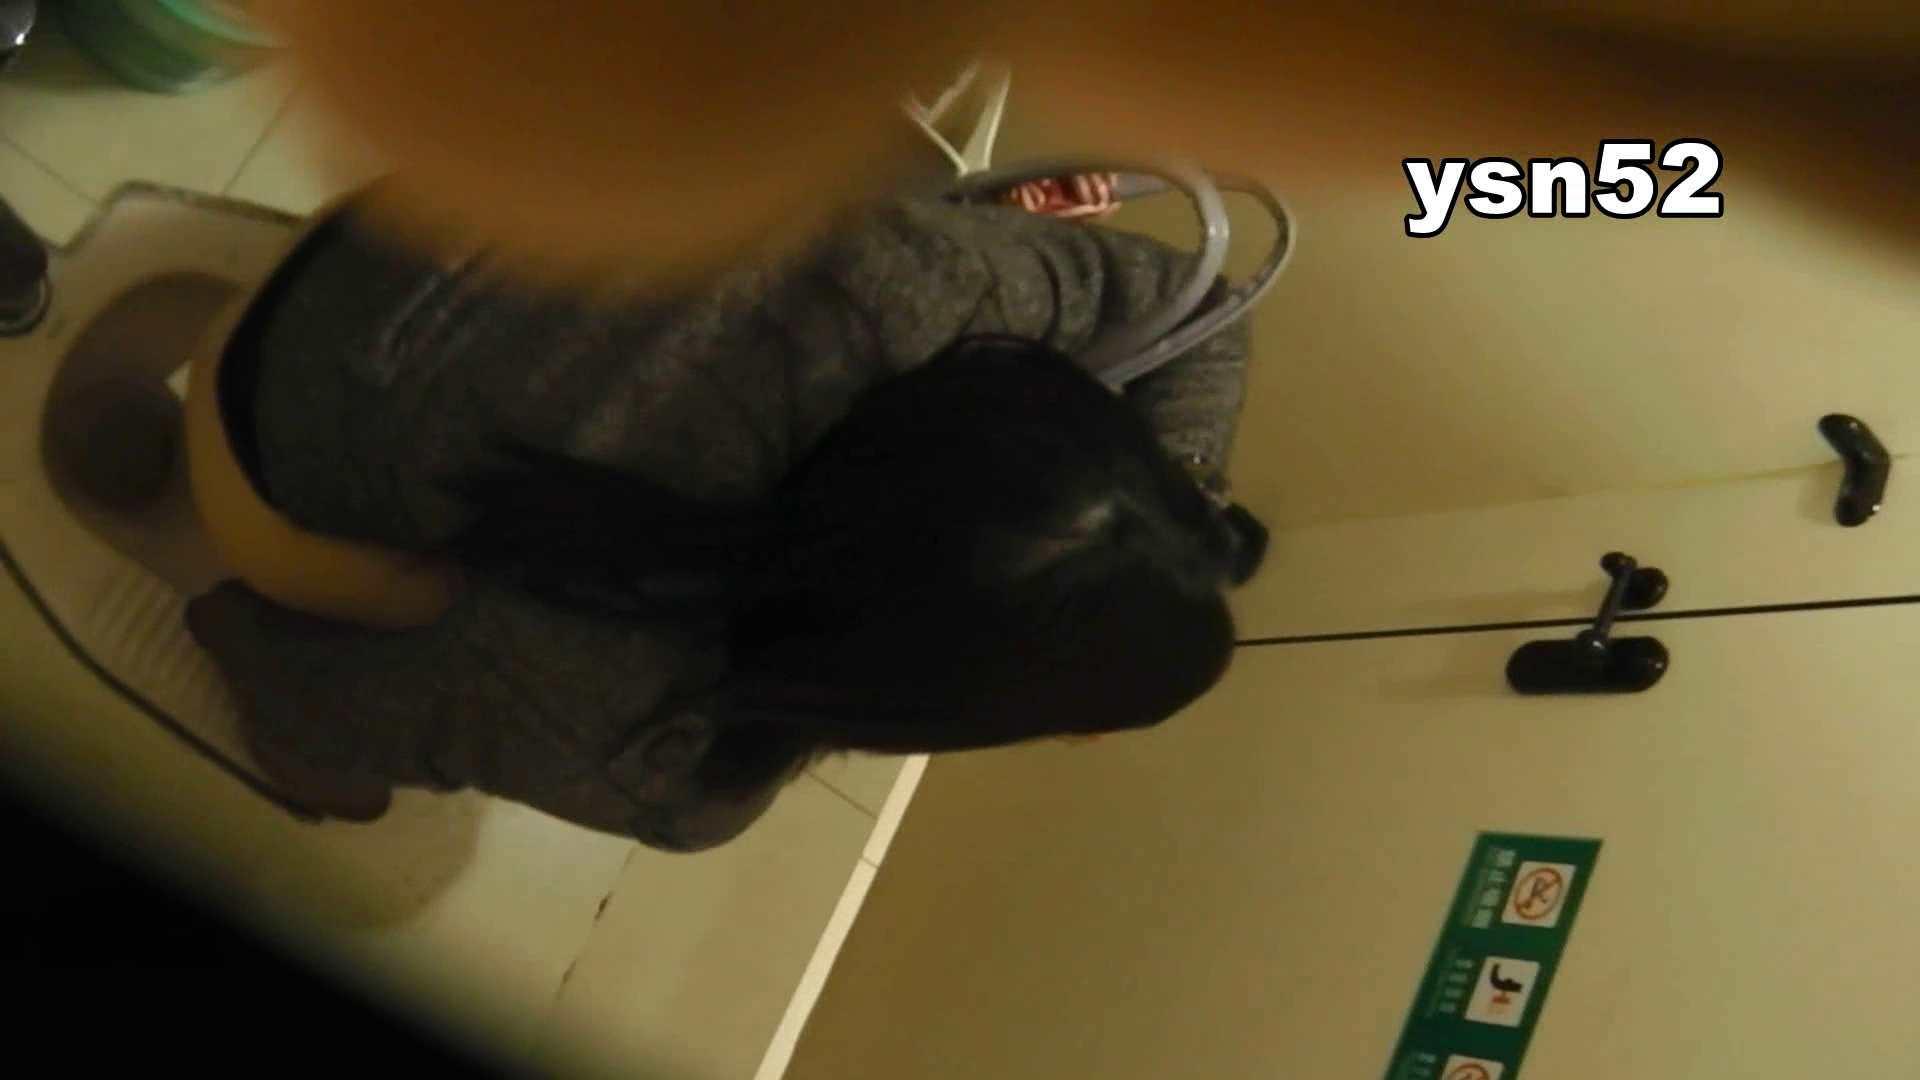 巨乳おまんこ:世界の射窓から vol.52 森ガールΣ(゚д゚;):怪盗ジョーカー